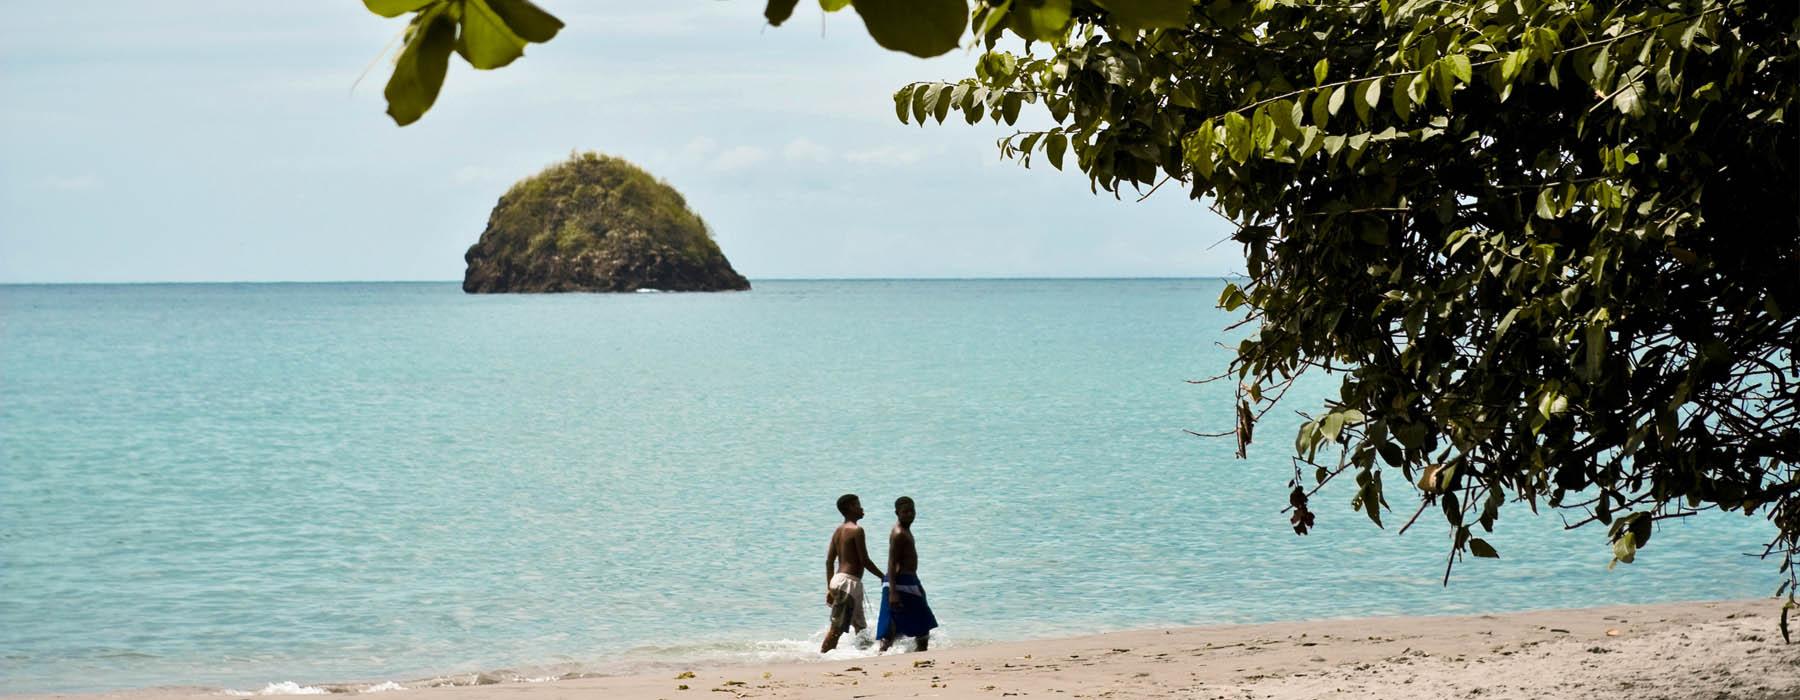 Avis Voyage Martinique Voyageurs Du Monde